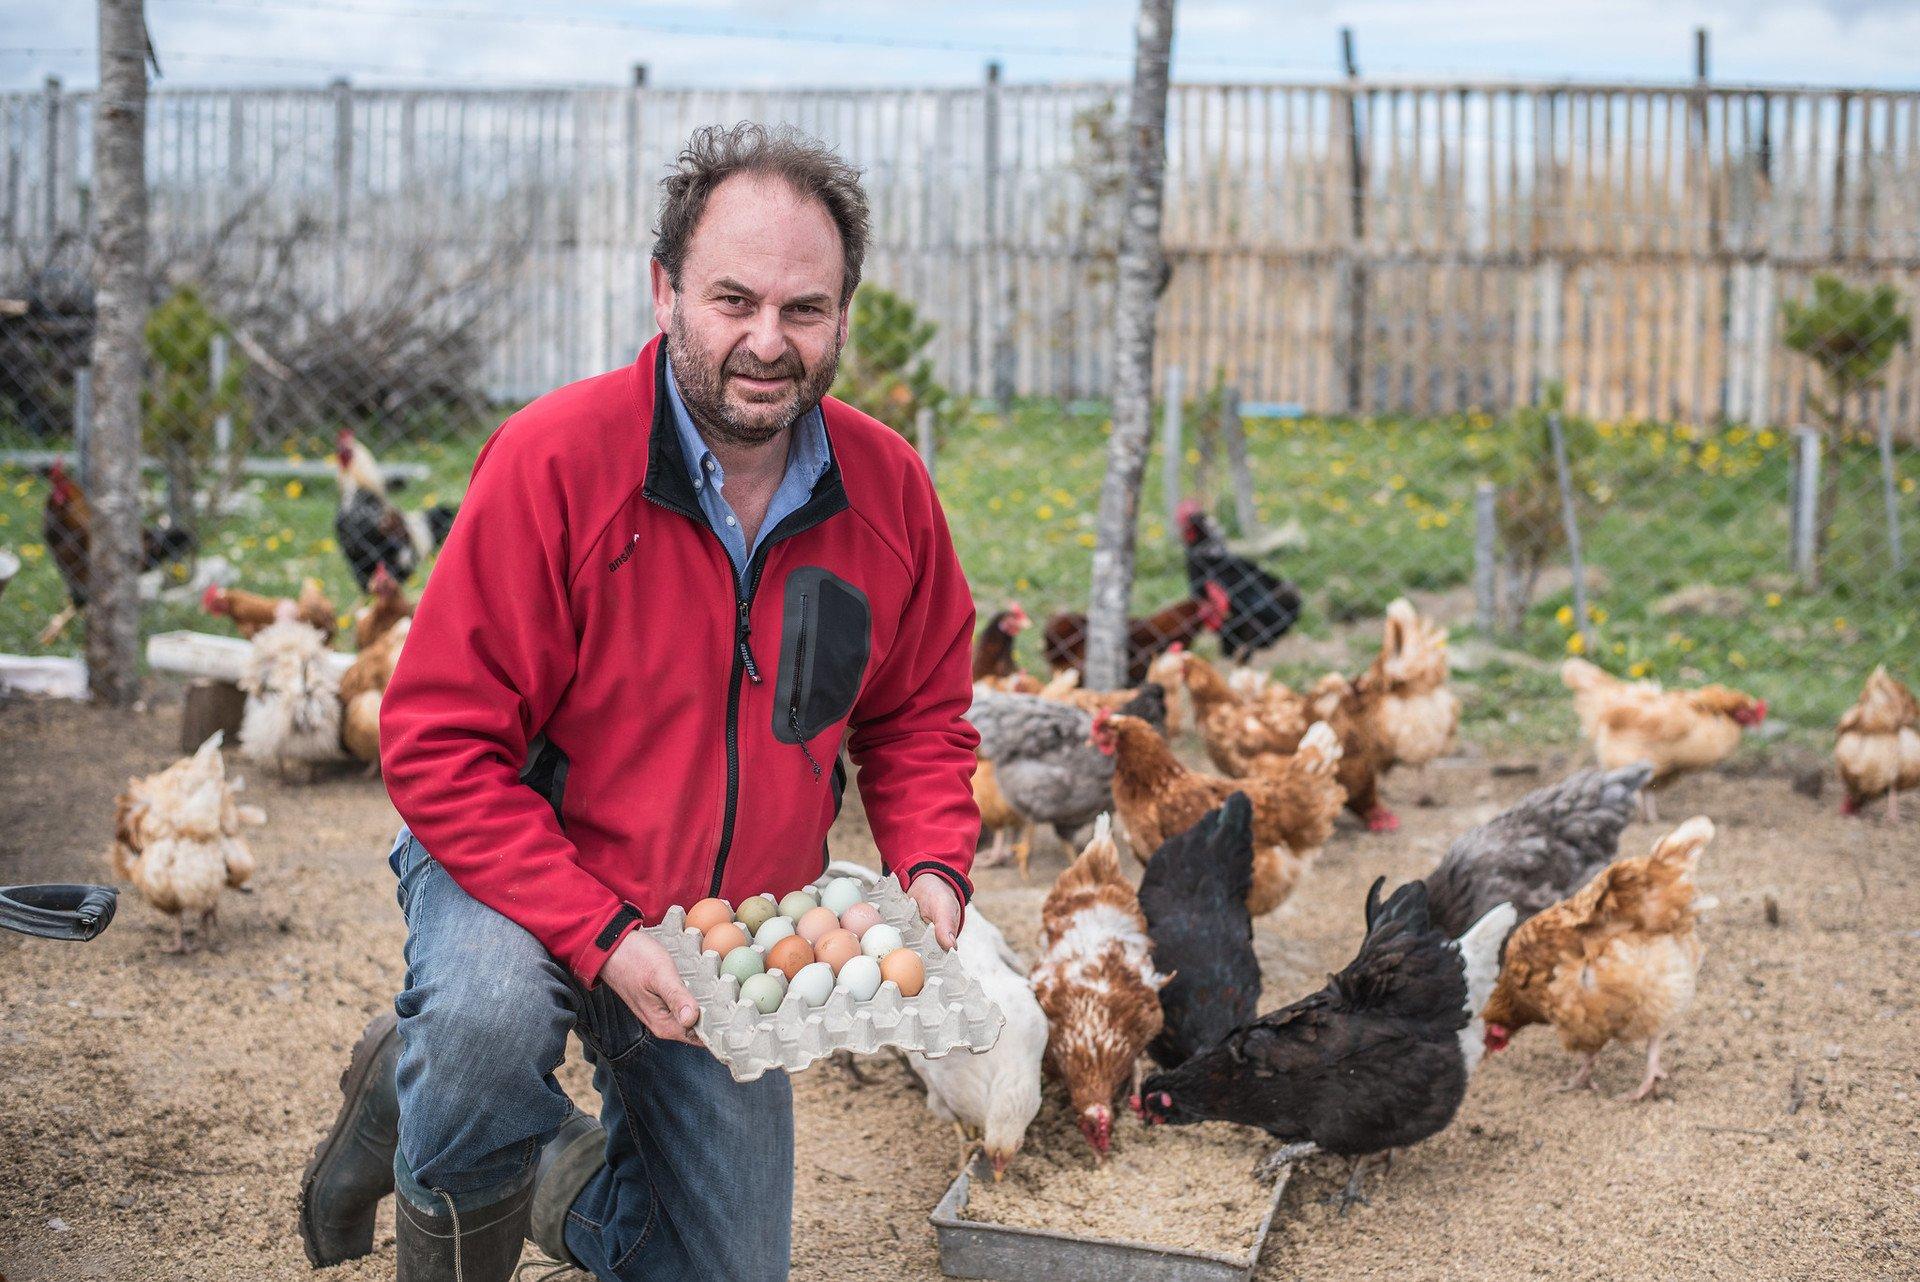 Happy chicken eggs supplier